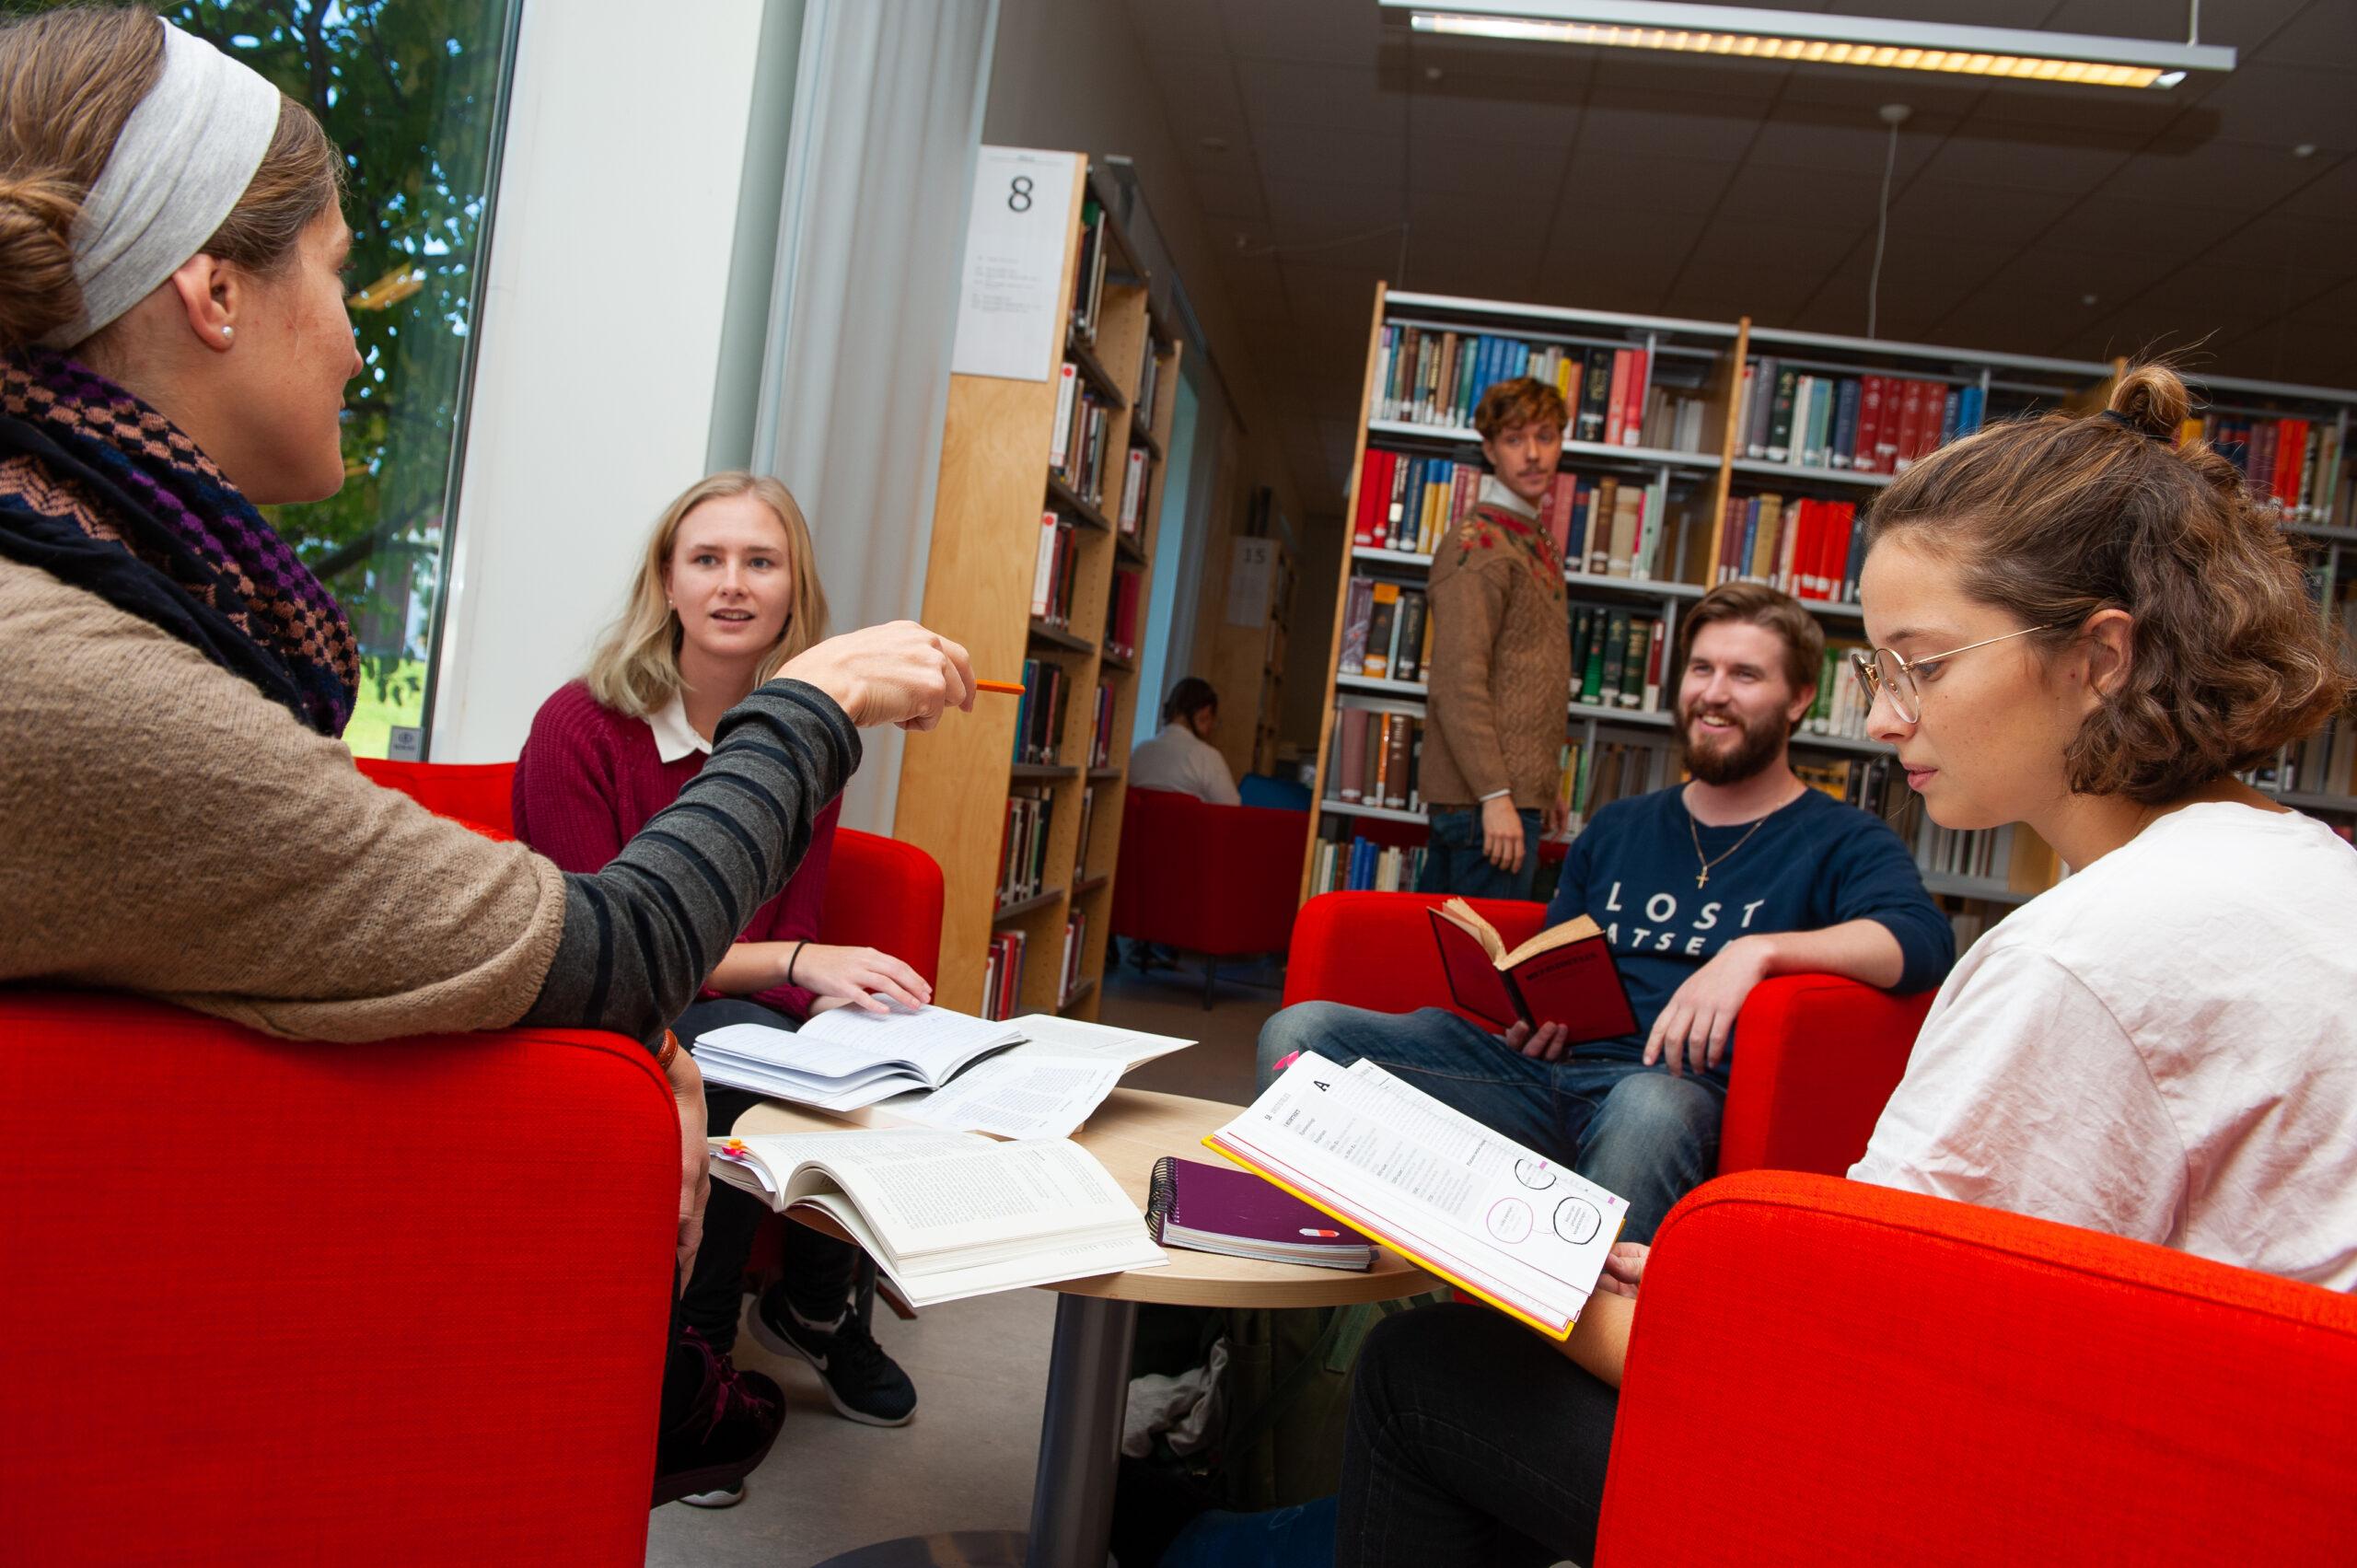 Pastorselever pratar i biblioteket